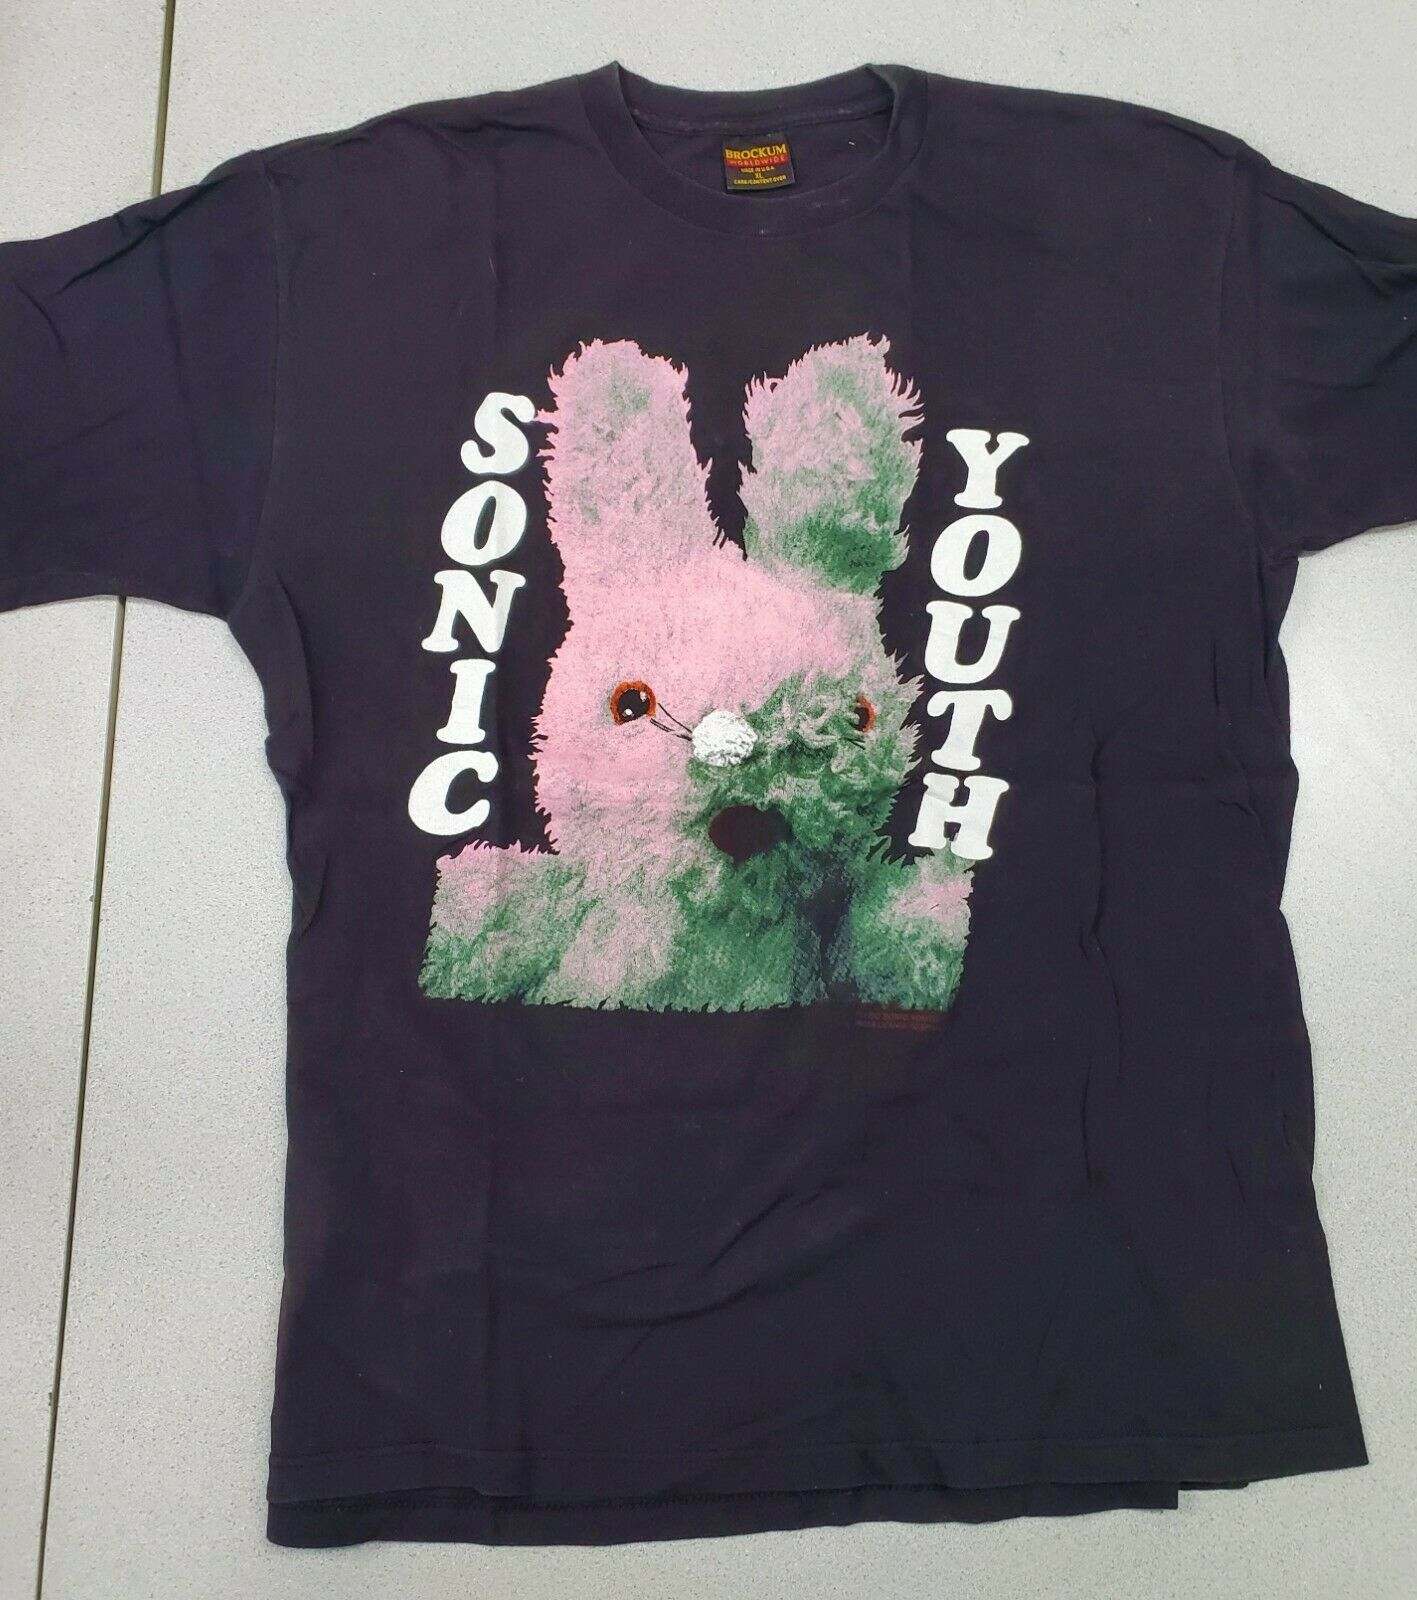 Sonic Youth Black T Shirt Xl Gracias Tshirt Vintage Rare Bunny Nirvana Brockum !